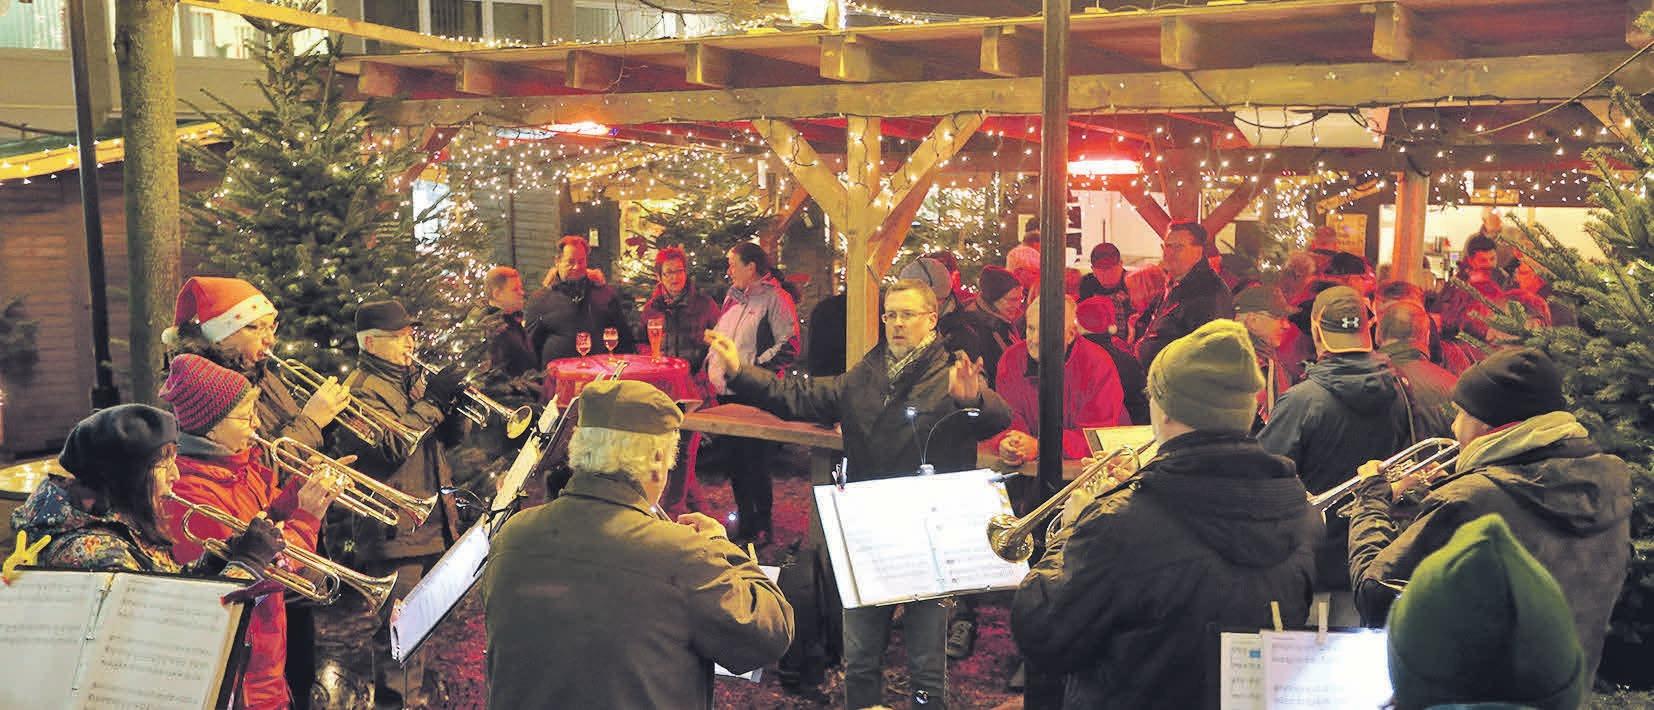 Zur Eröffnung des Vorsfelder Weihnachtsmarktes spielt der Posaunenchor. Photowerk